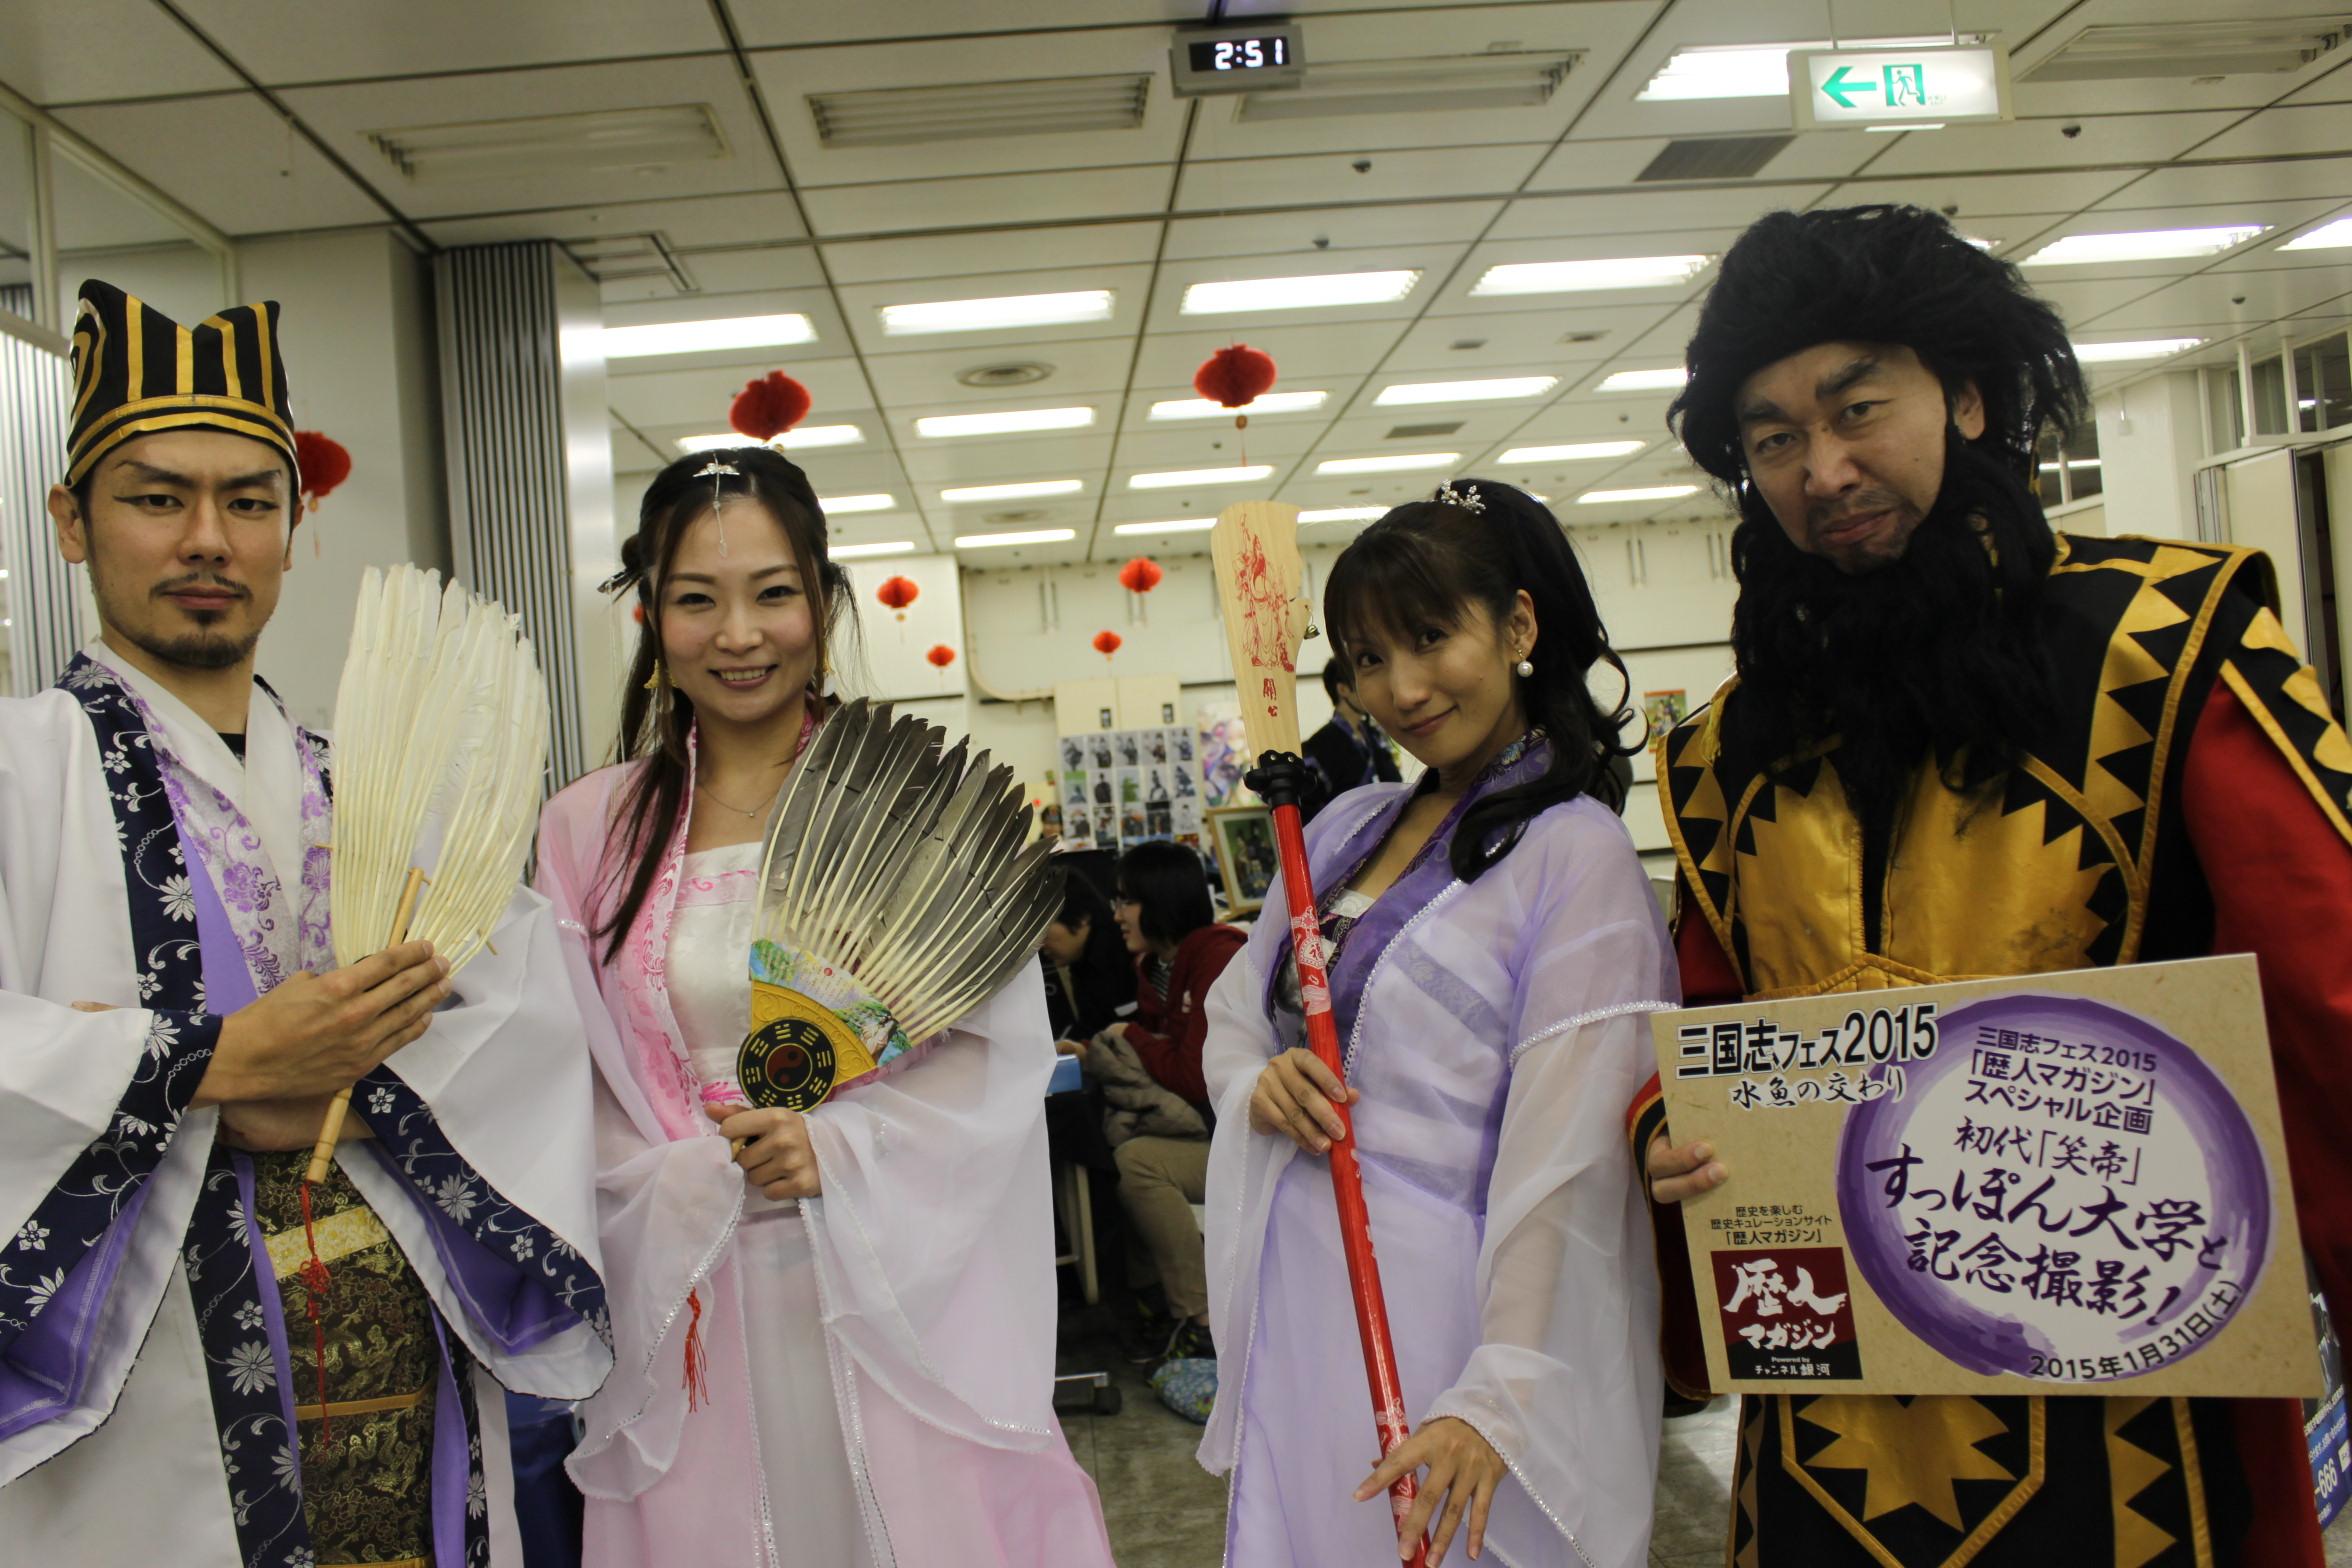 【御礼!】「三国志フェス2015 水魚の交わり」突撃取材レポート!(画像多め)